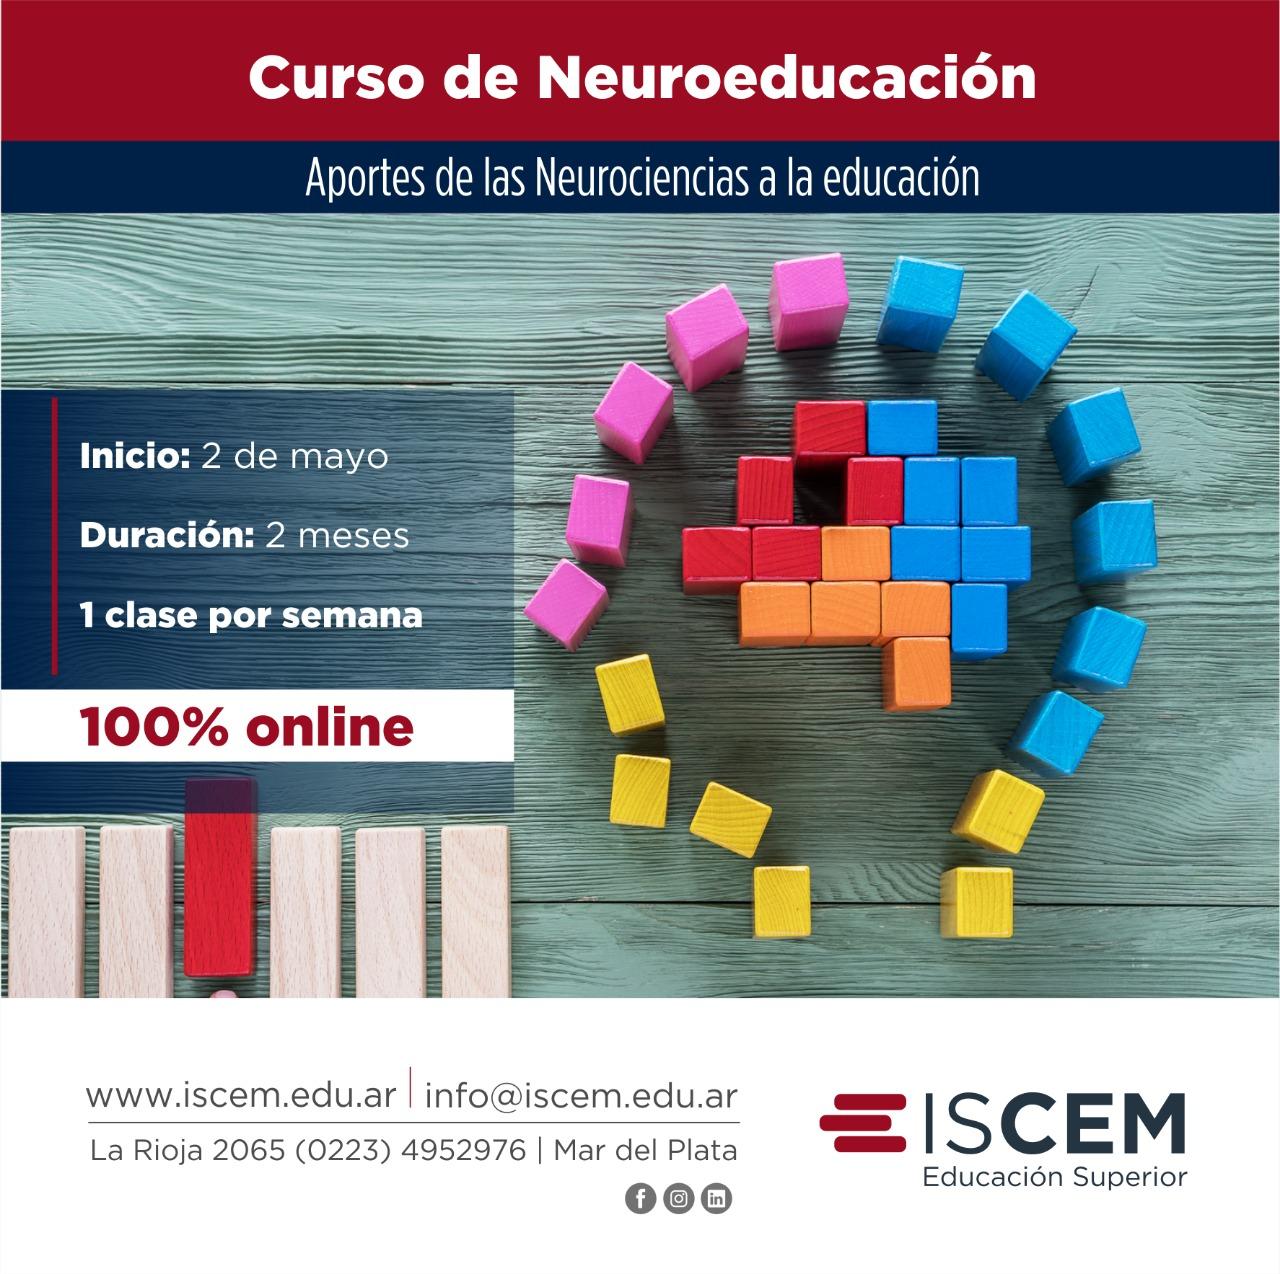 Curso de Neuroeducación: Aportes de las Neurociencias a la educación